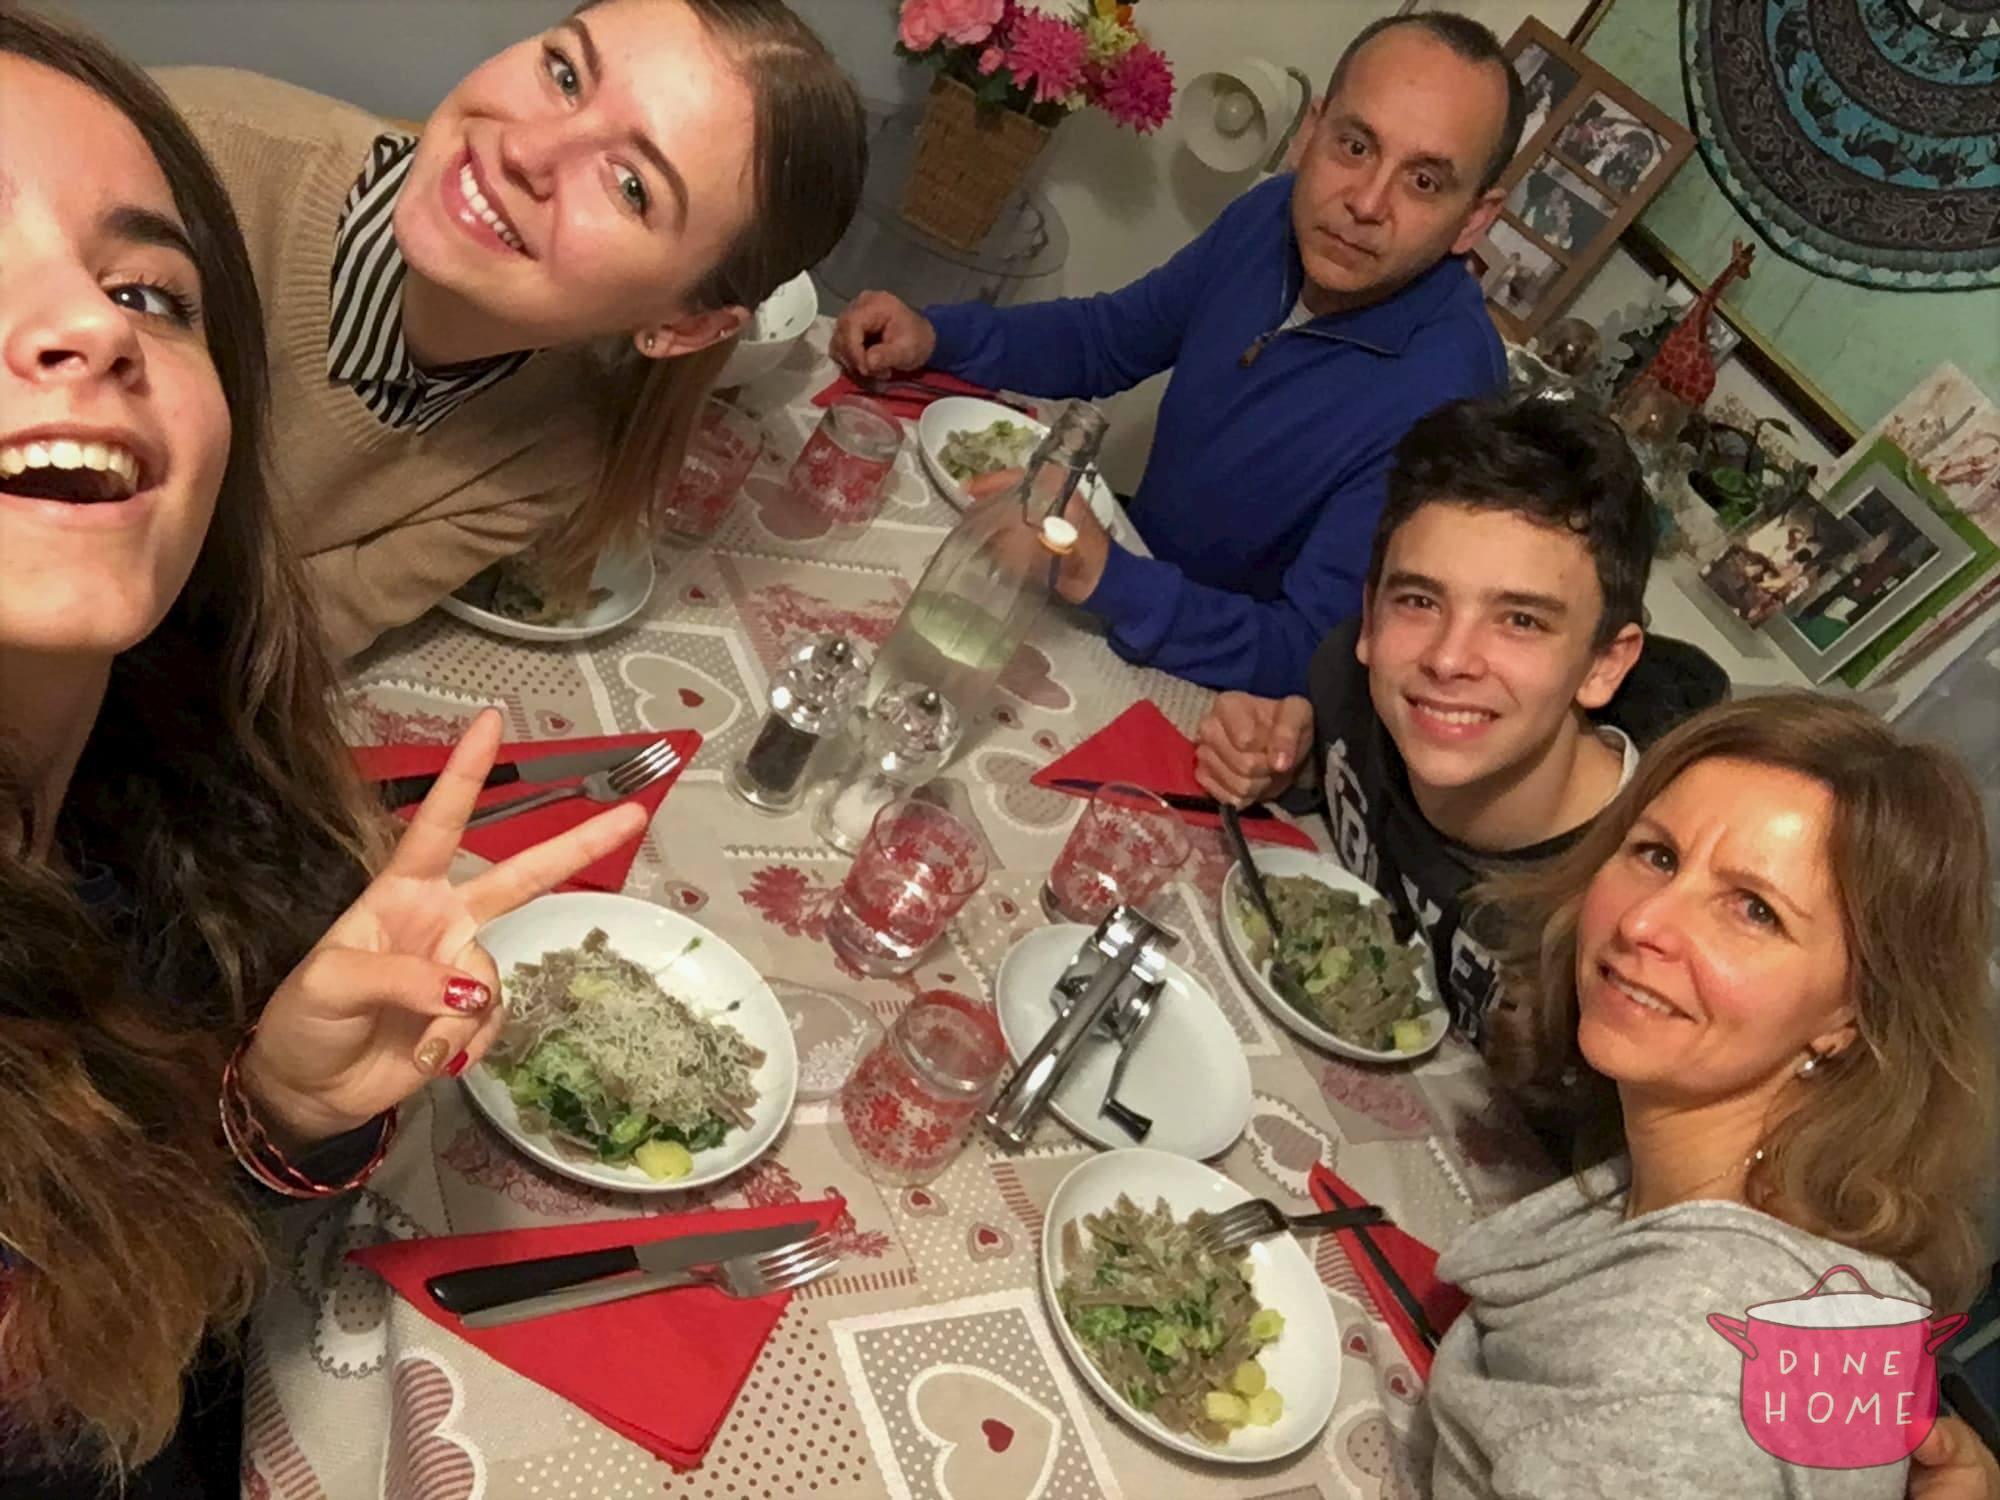 Martyna, studentessa dalla Lituania, a cena dalla sua famiglia Dinehome.